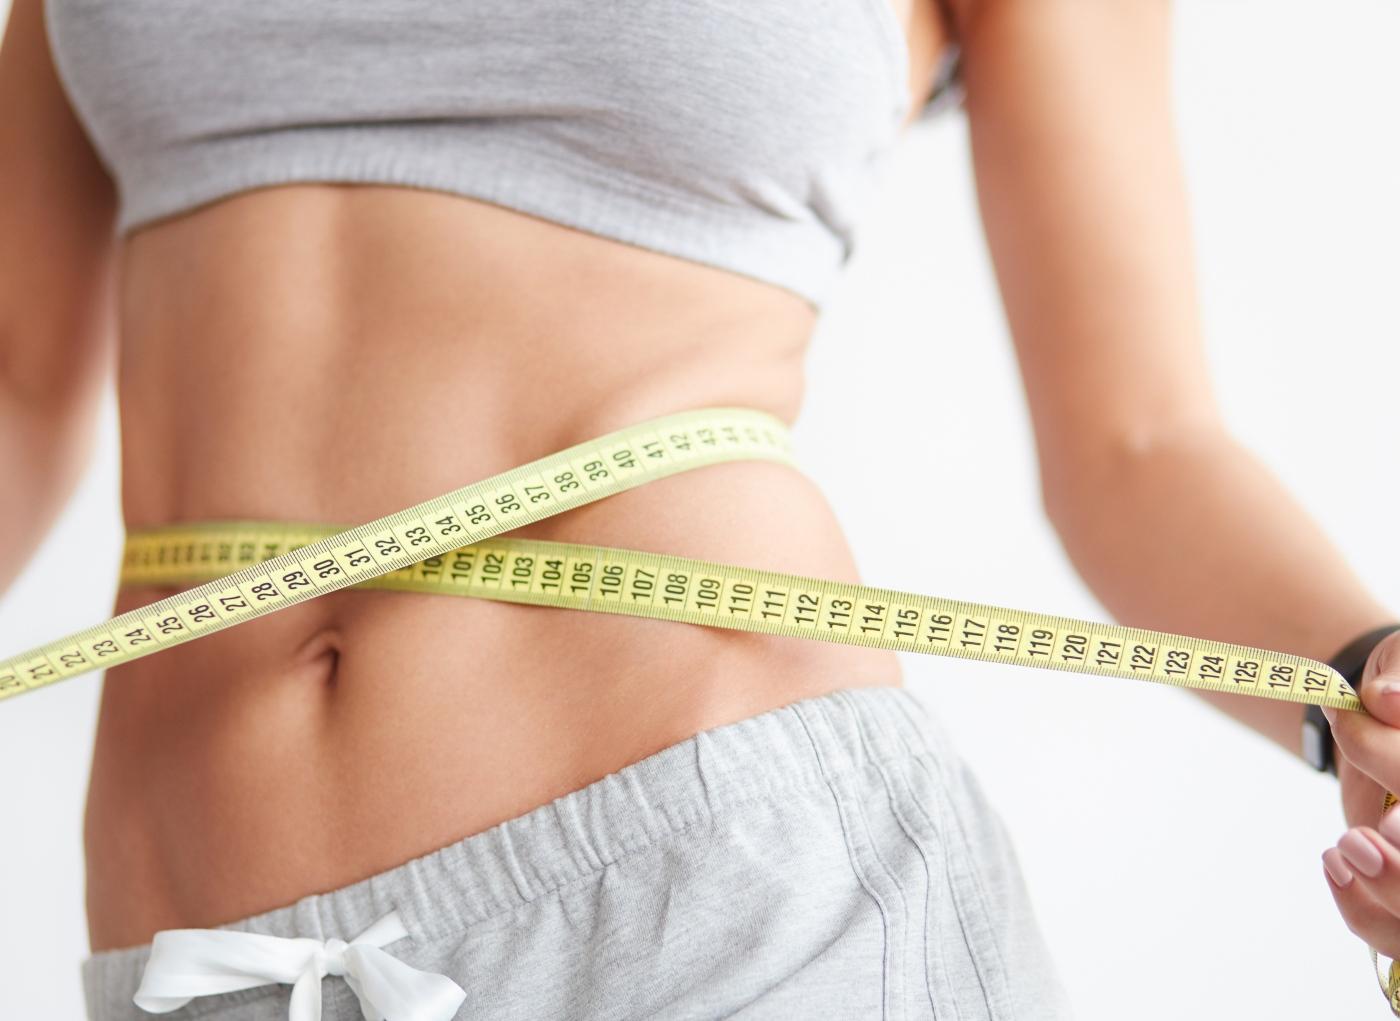 Mulher a verificar medidas tendo em vista o cálculo do peso ideal